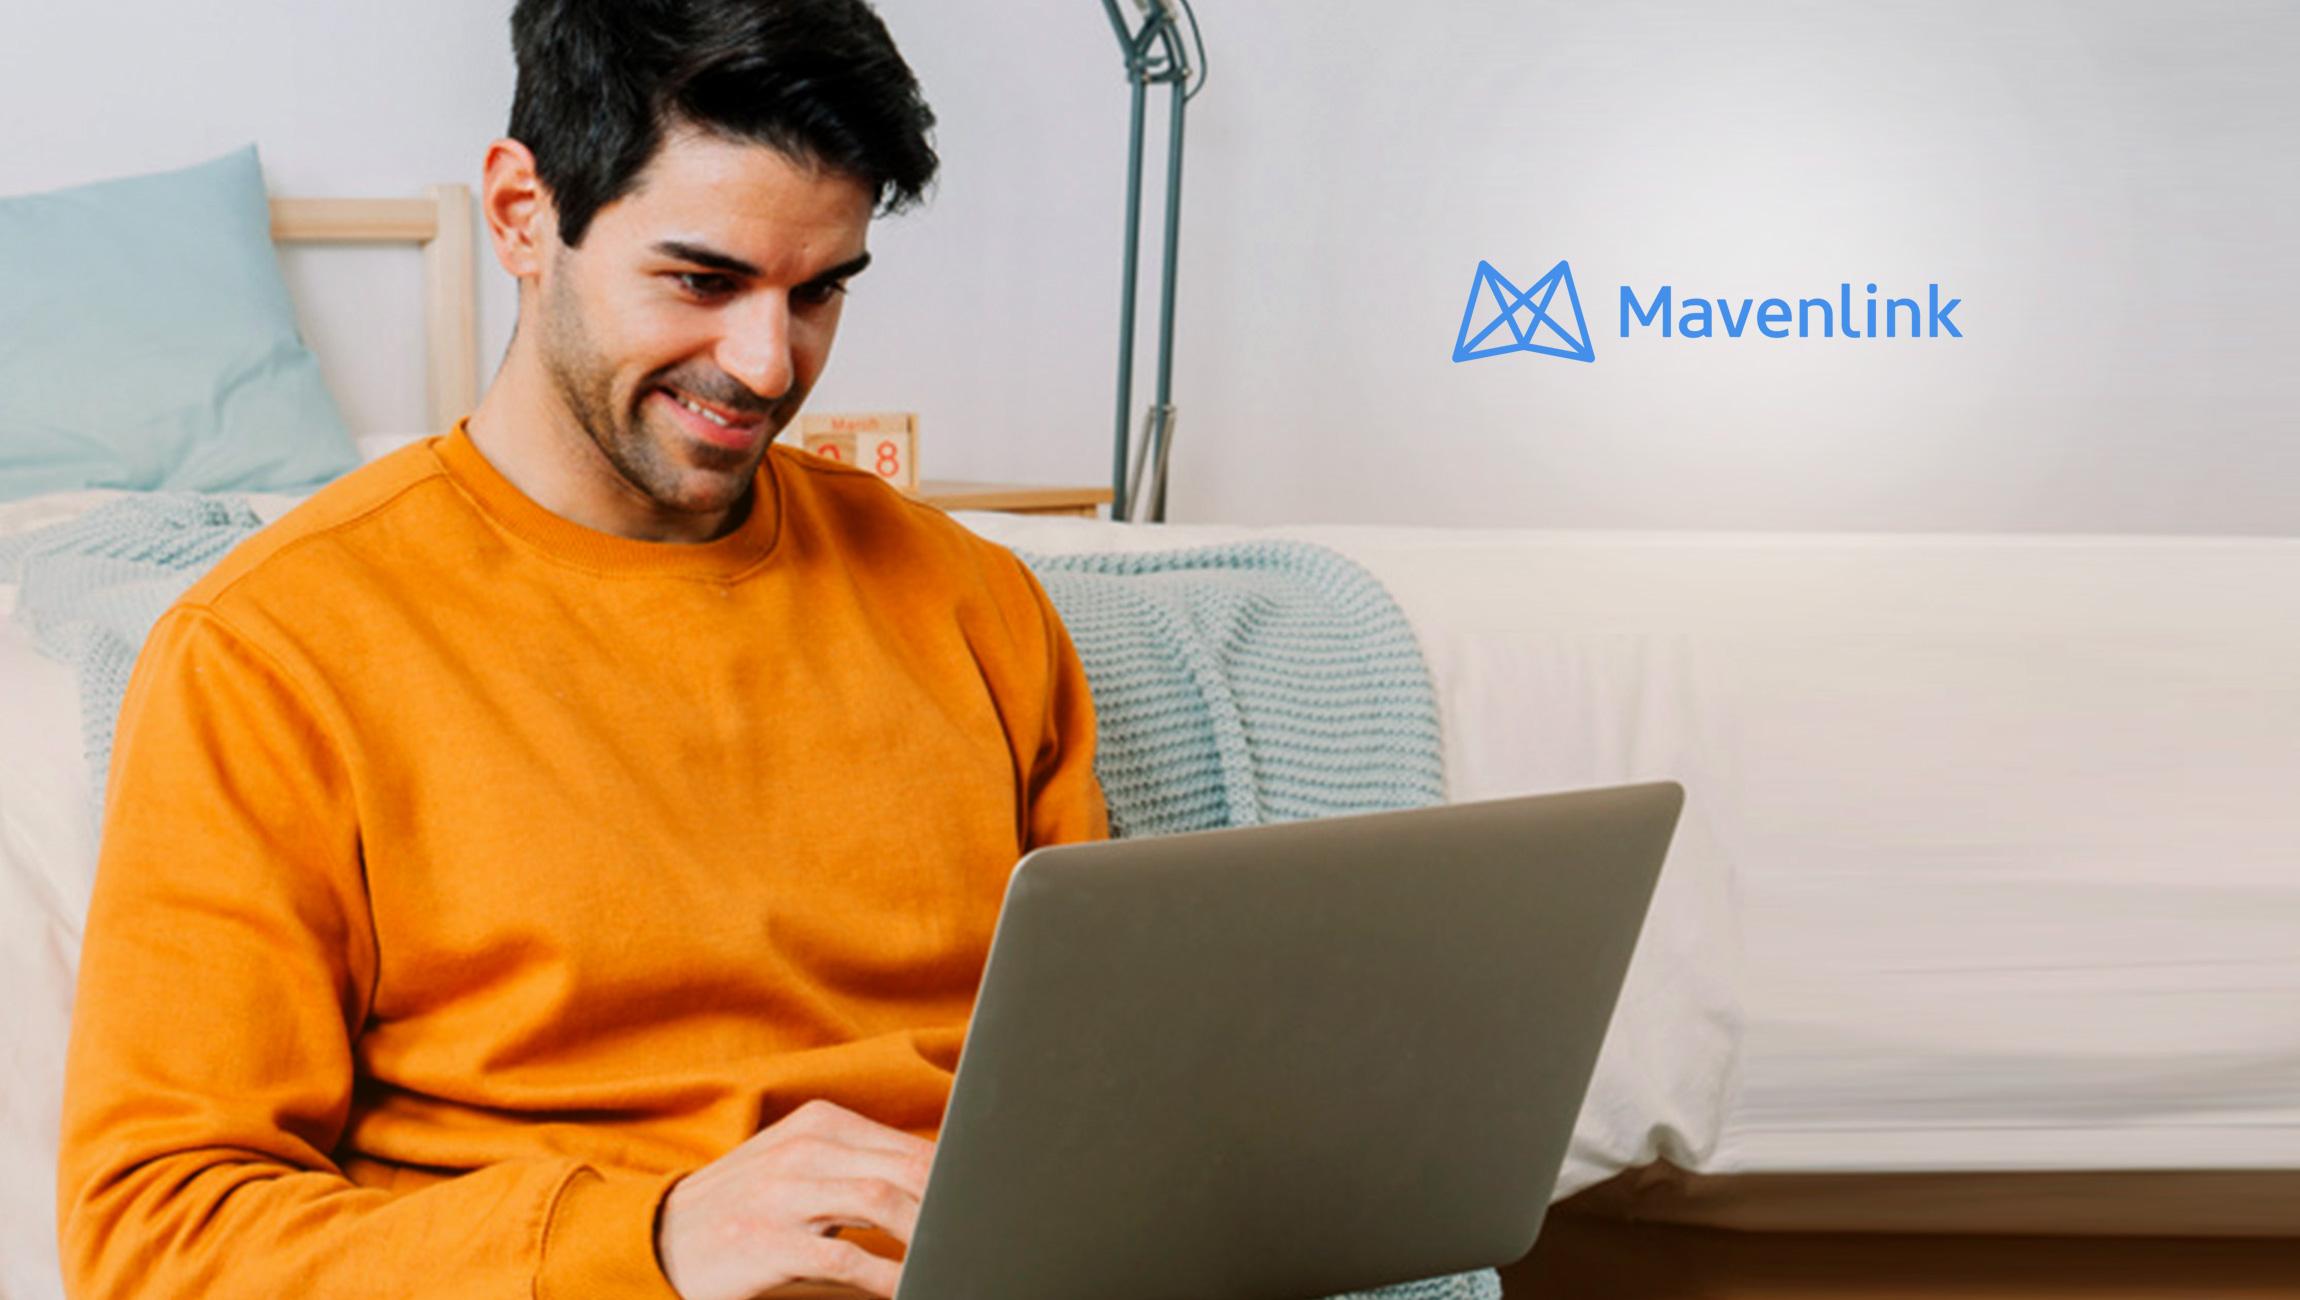 Mavenlink Named No. 1 Resource Management Software Vendor by G2